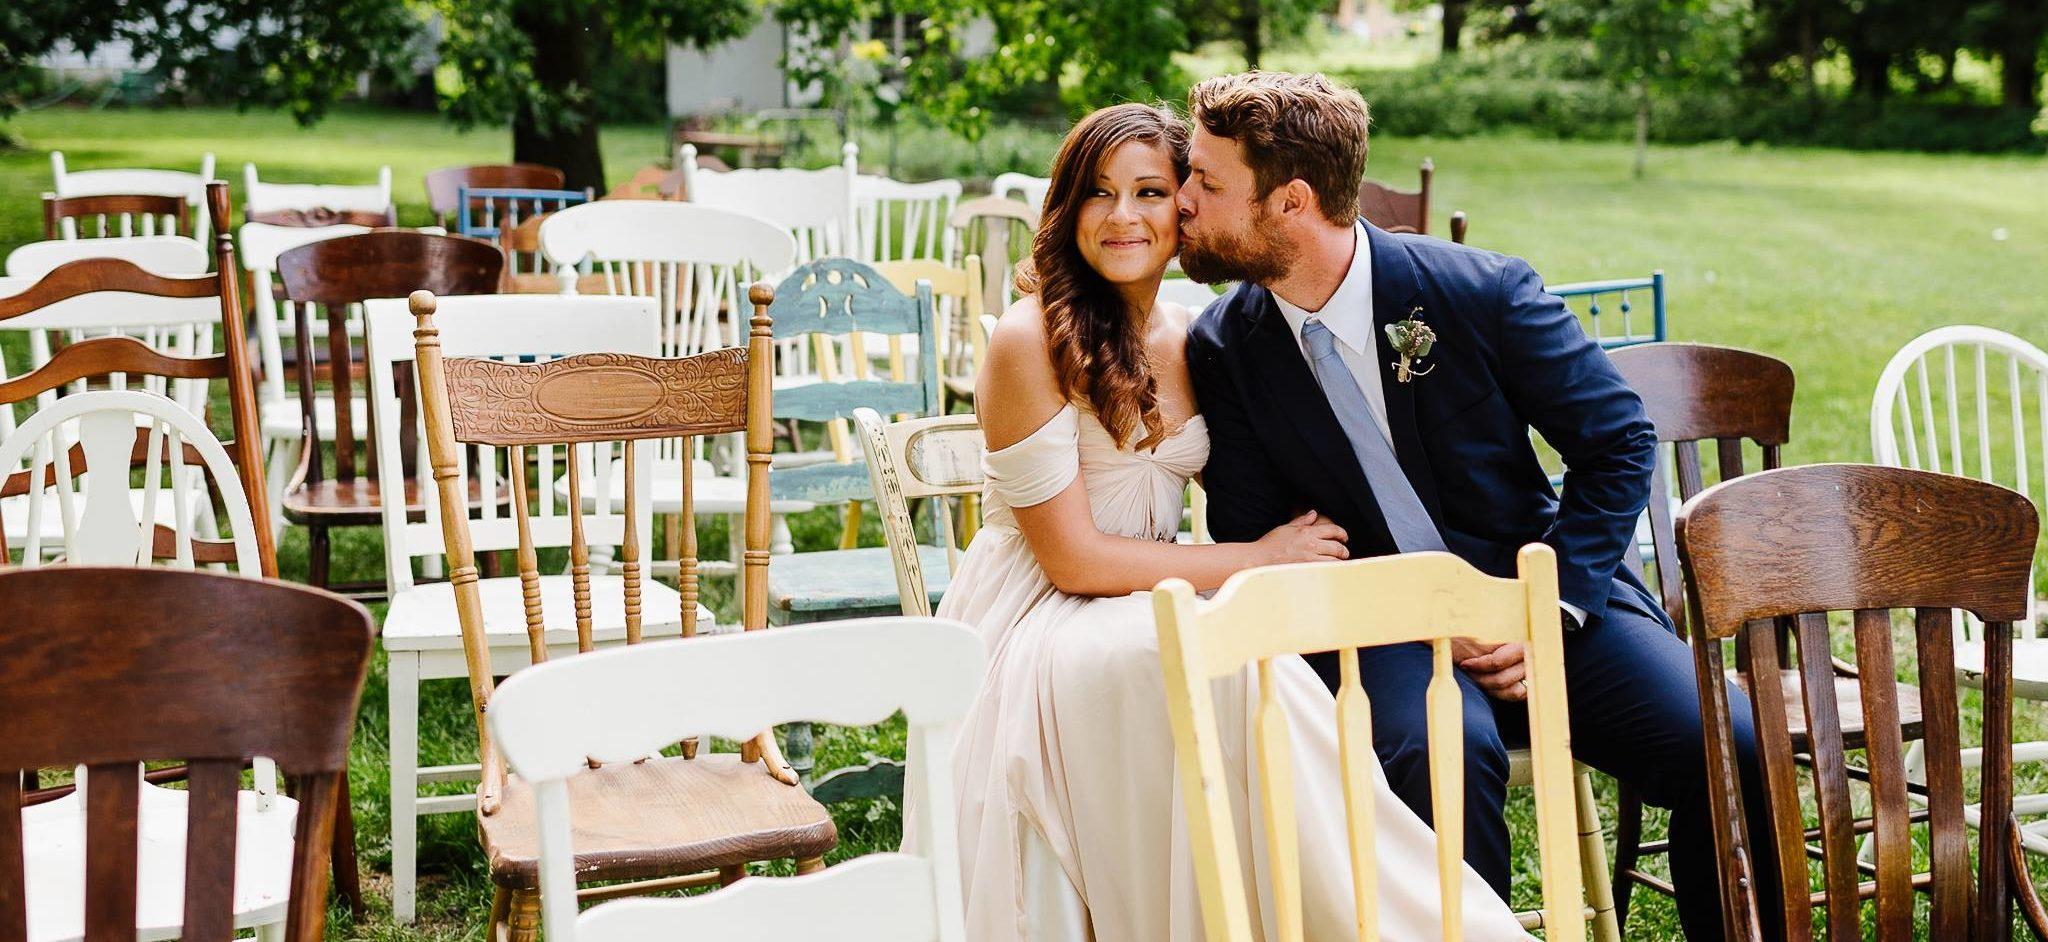 rodale wedding couple